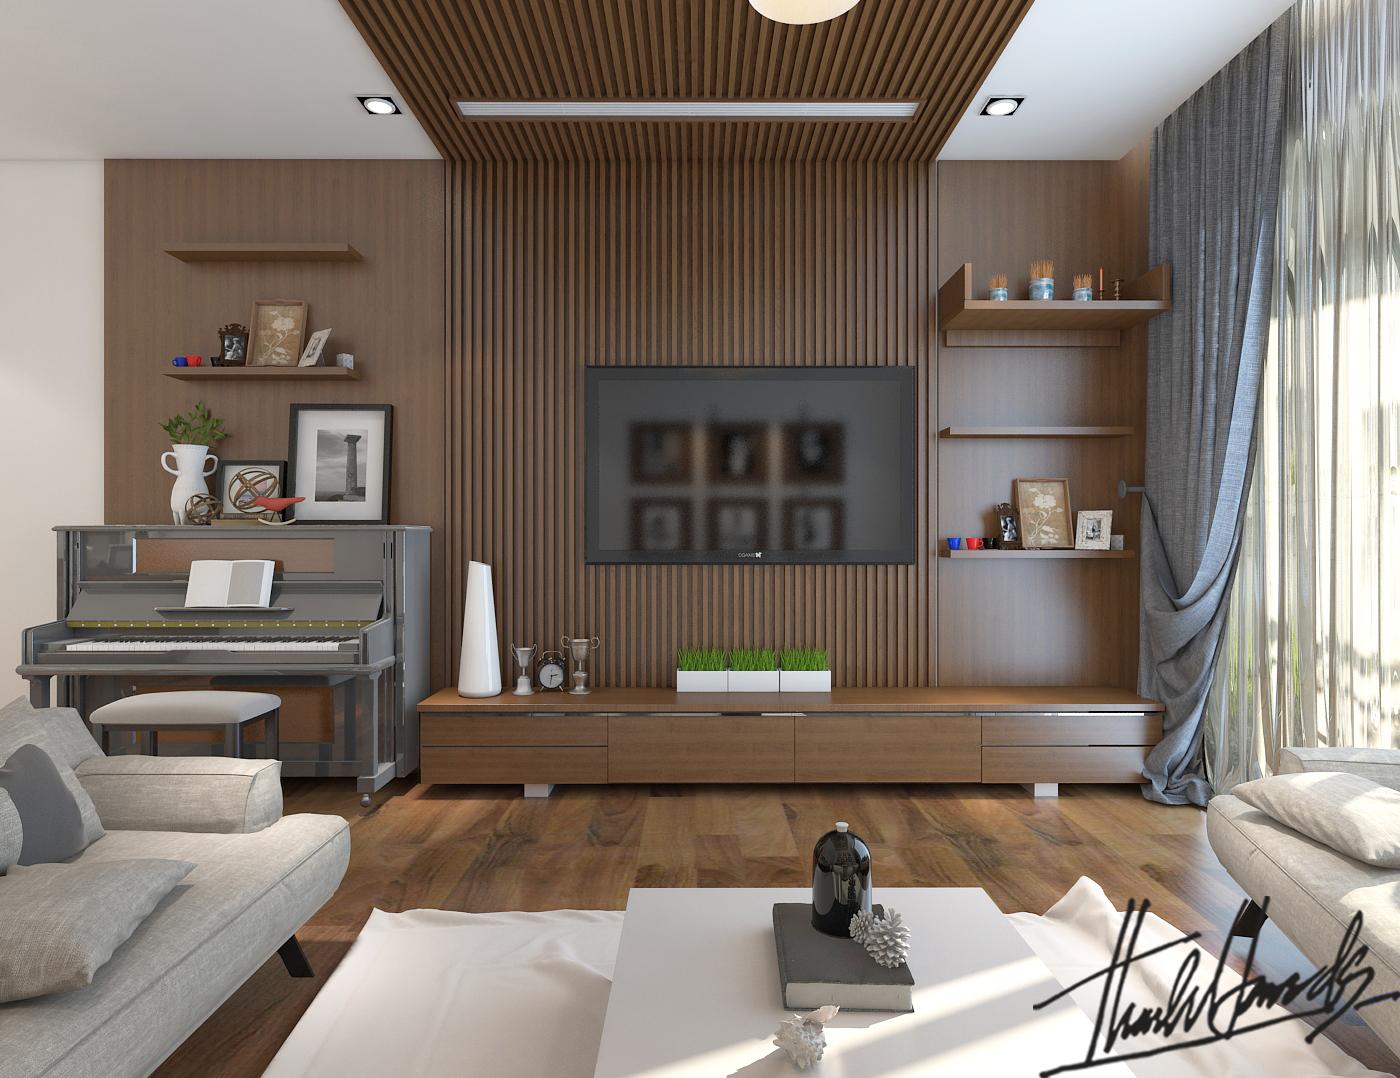 thiết kế nội thất chung cư tại Hà Nội chung cư roya city 10 1568274325